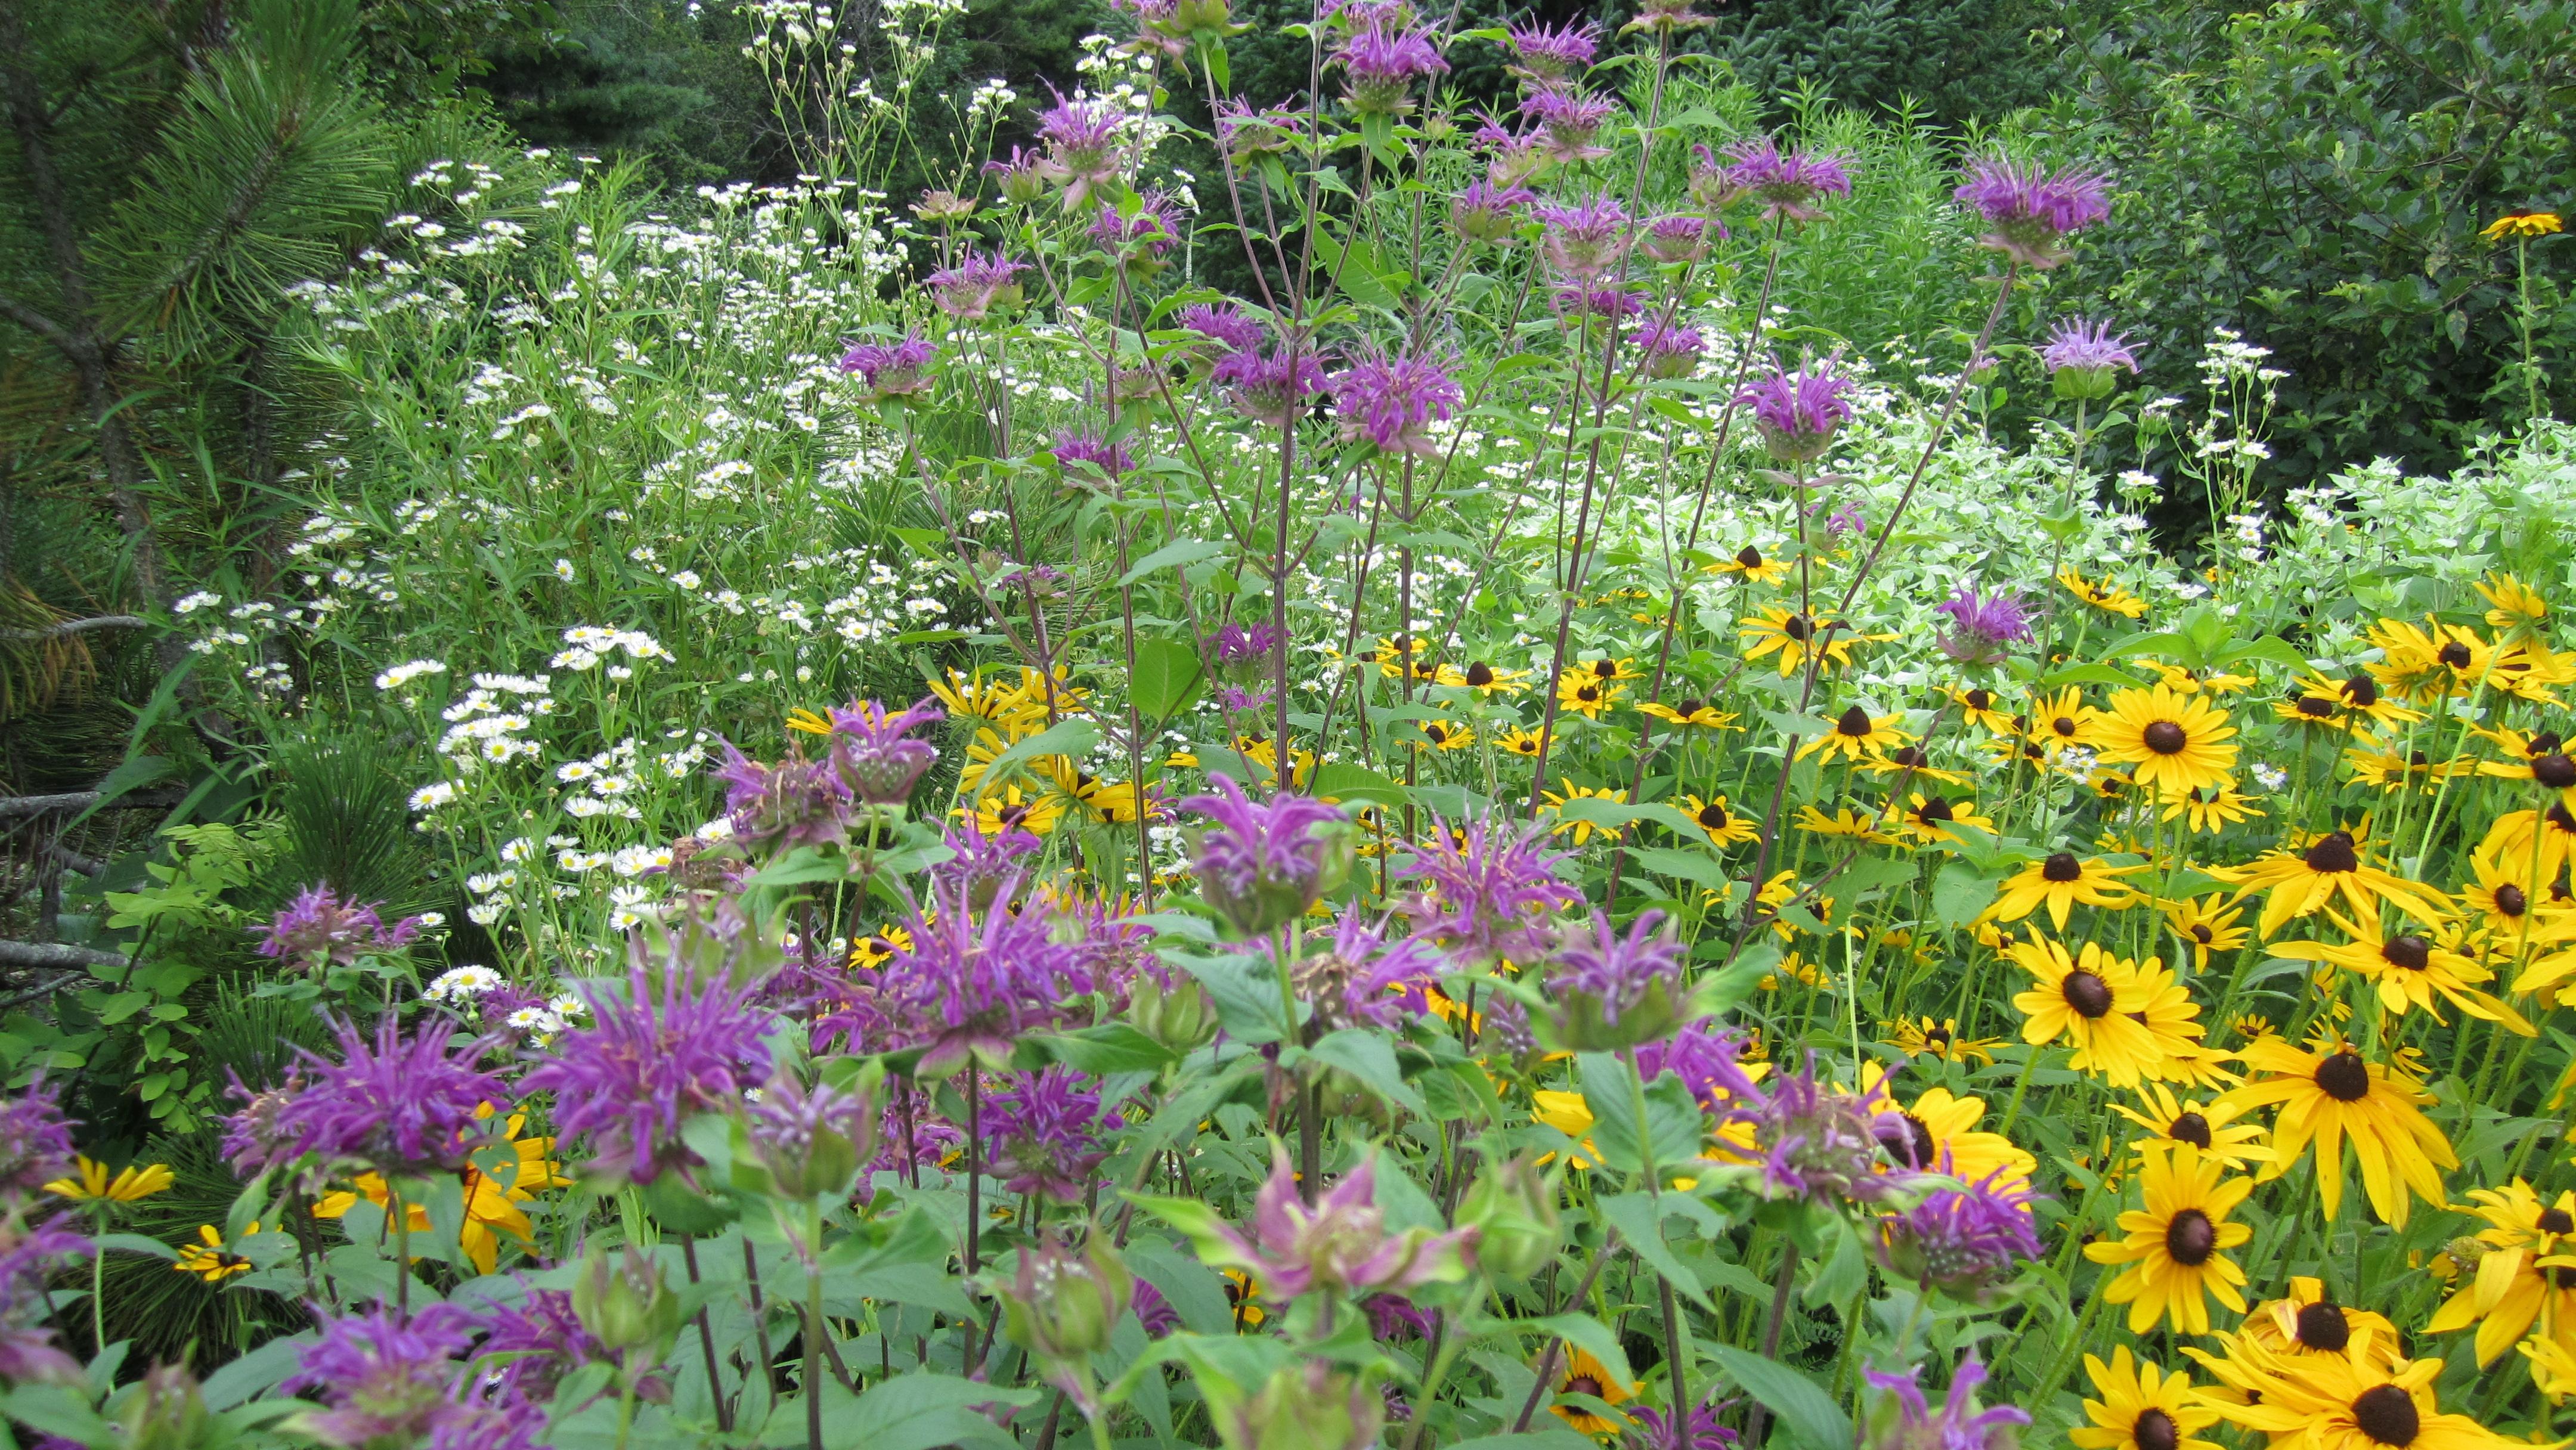 Tending The Perennial Garden With John Fromer July 11